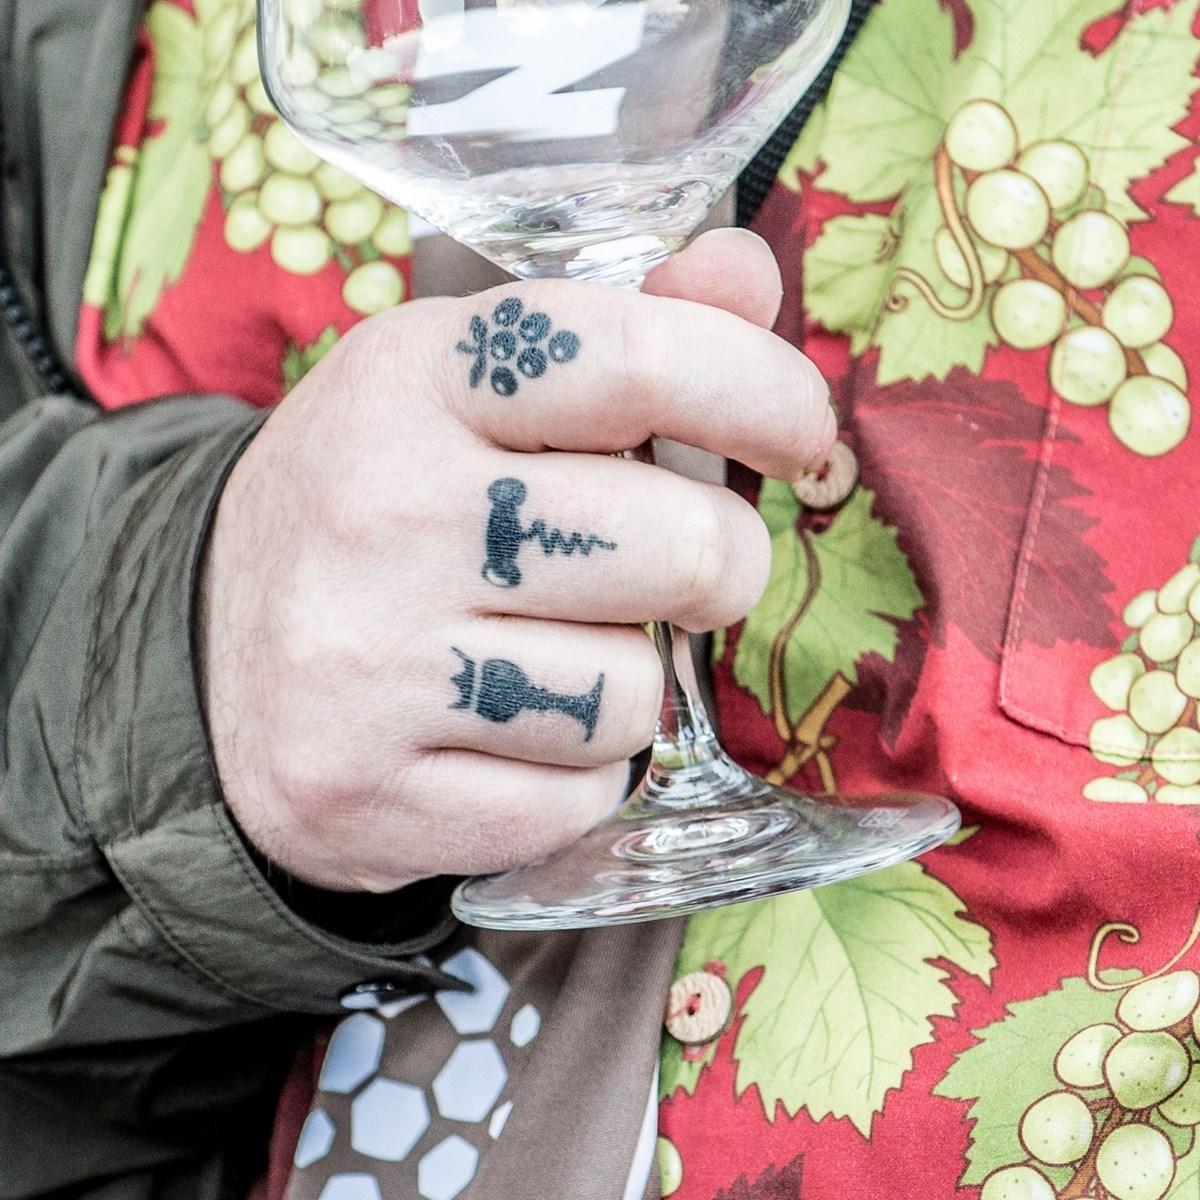 Beim WEINBEBEN am Donnerstag (20.2.) könnt Ihr tolle neue Weine kennenlernen – und die KIEZBEBEN-2.0-Ausstellung erleben!